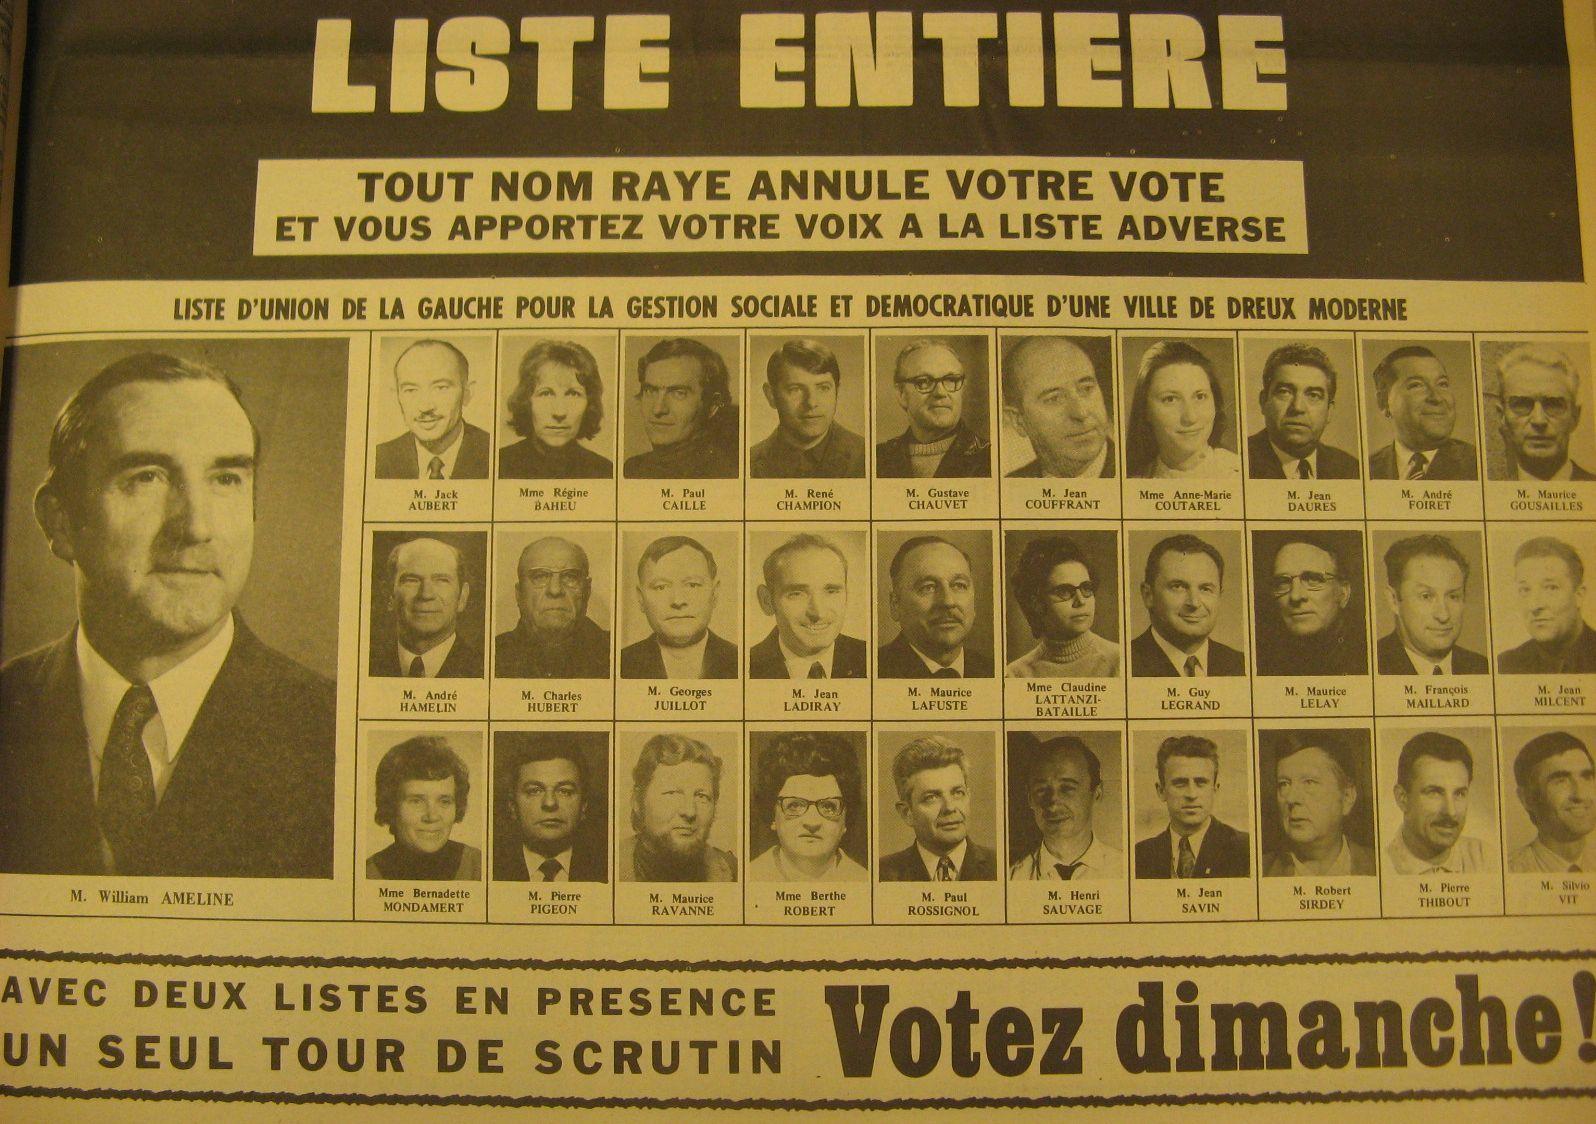 Cliquer sur les listes afin de pouvoir mieux découvrir les visages et noms des candidats.....